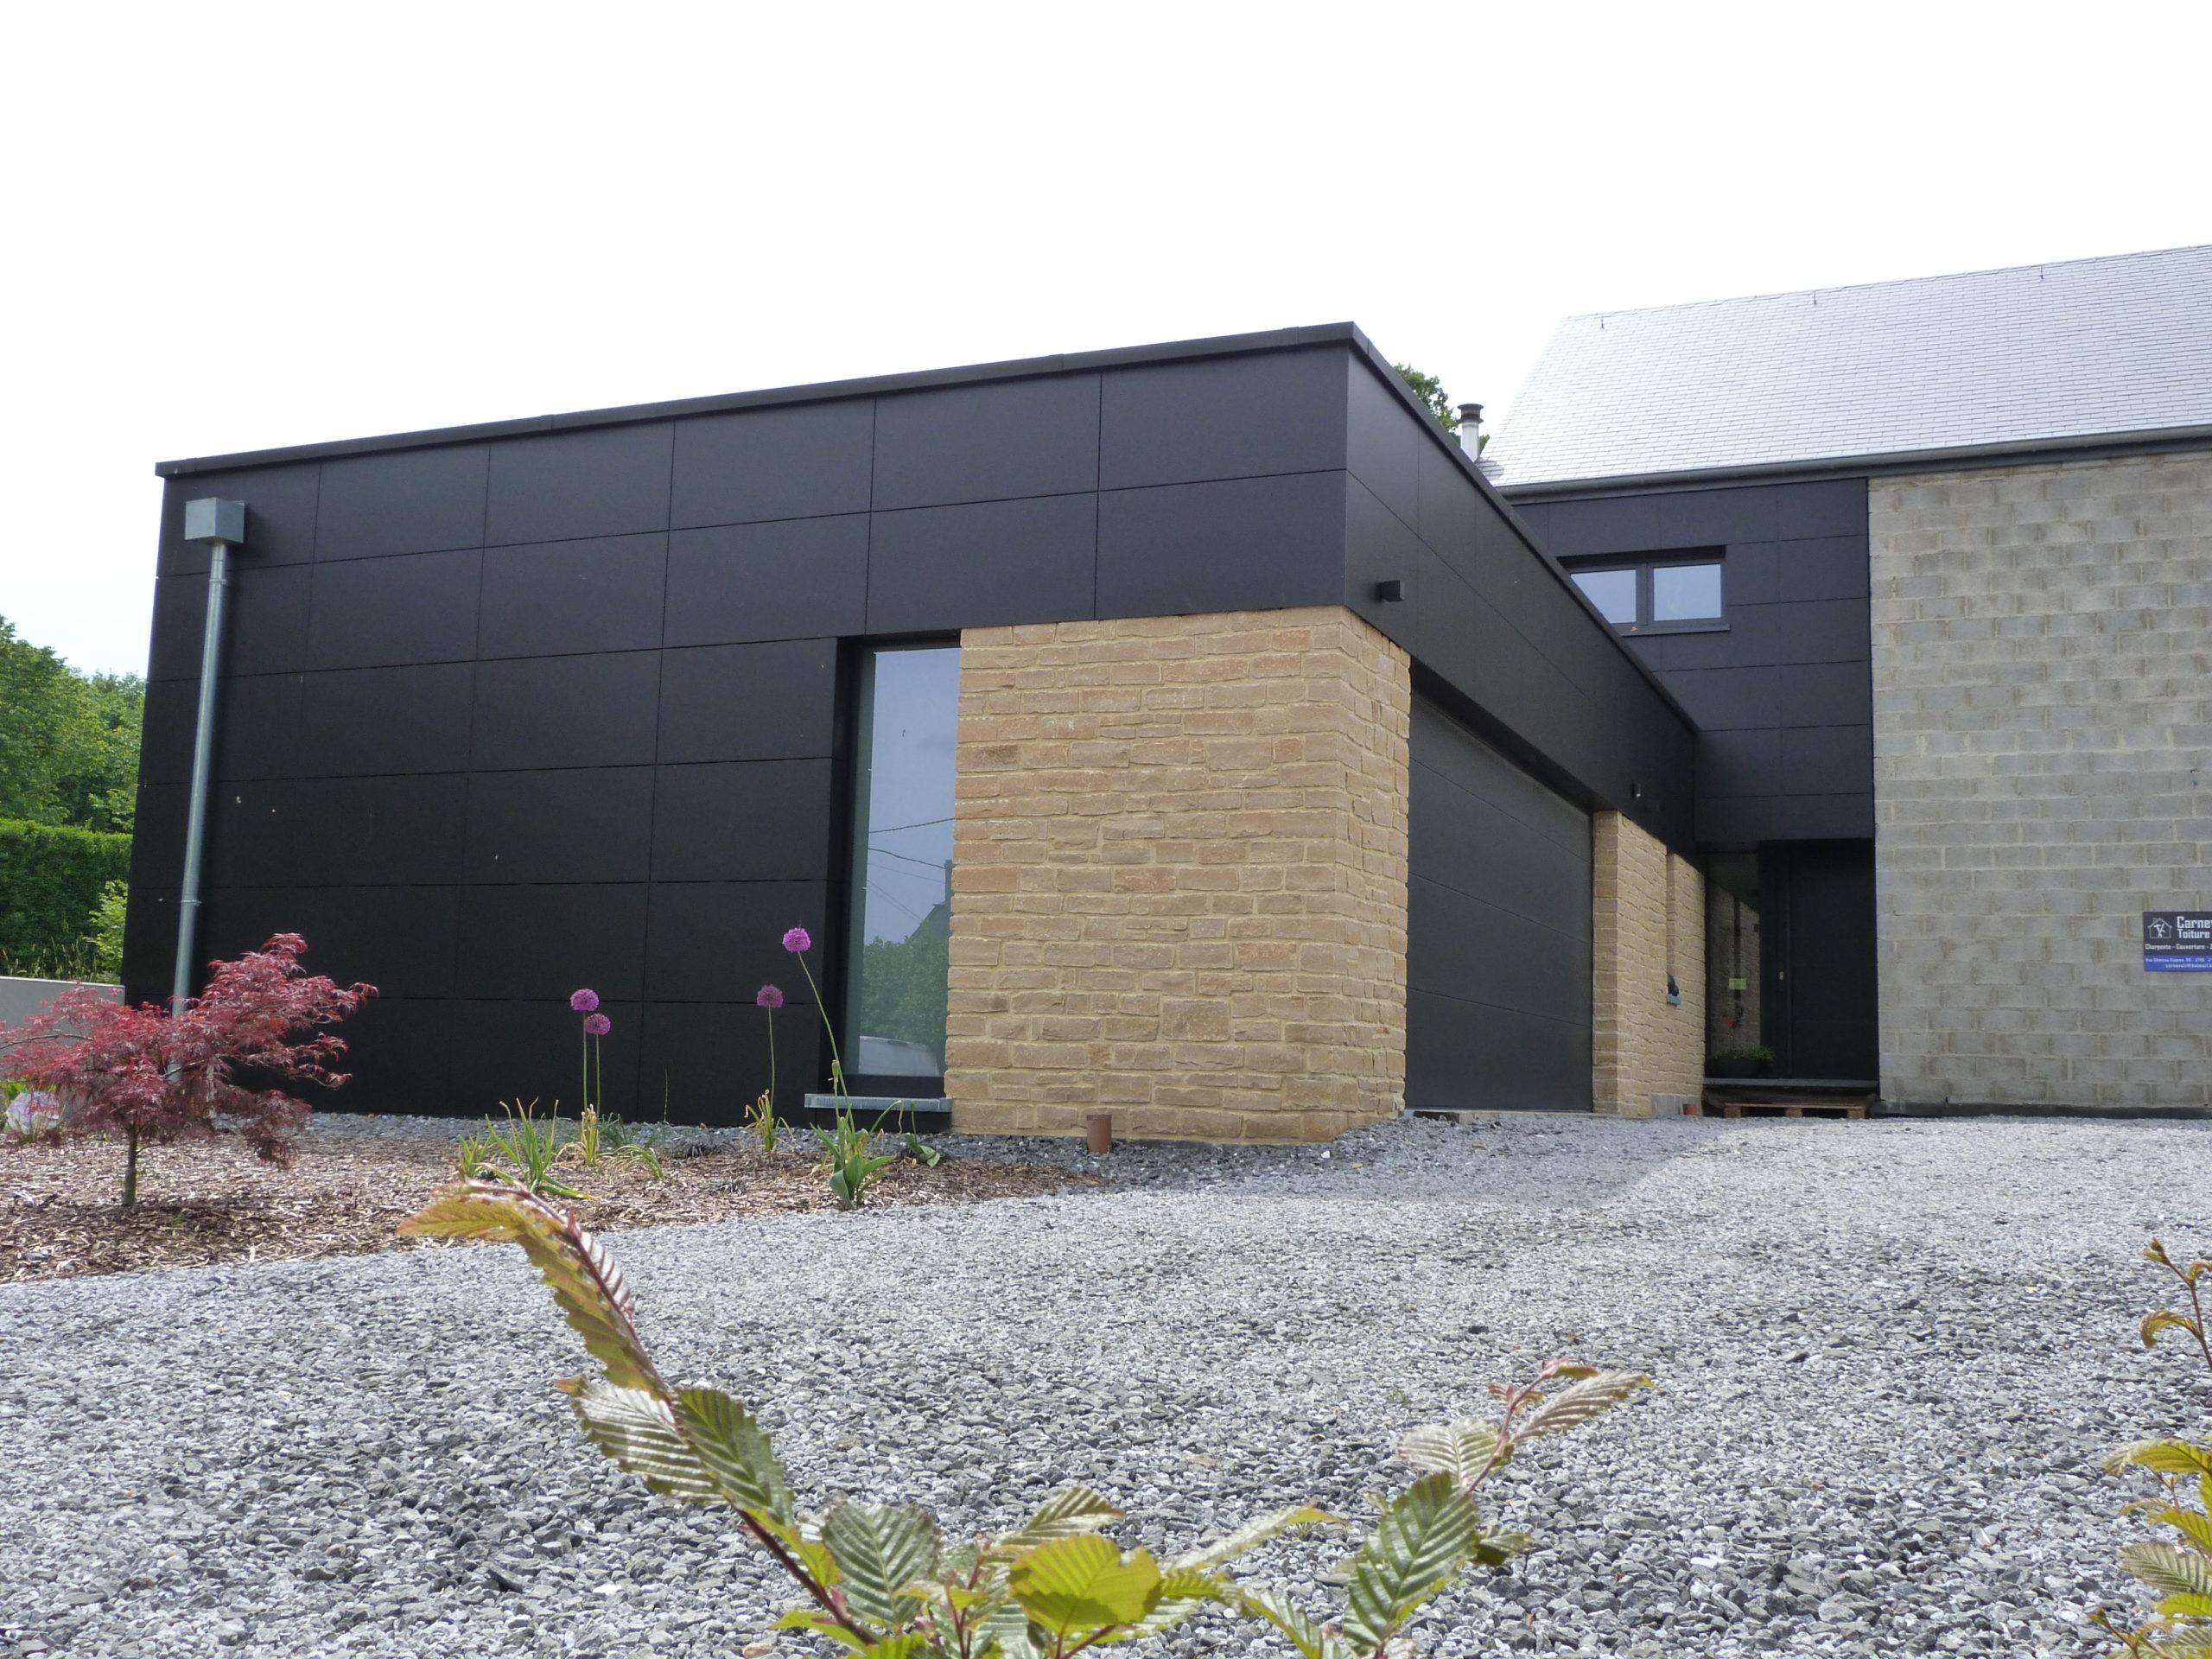 Maison 4 façades à Mussy-la-Ville 1 (3)